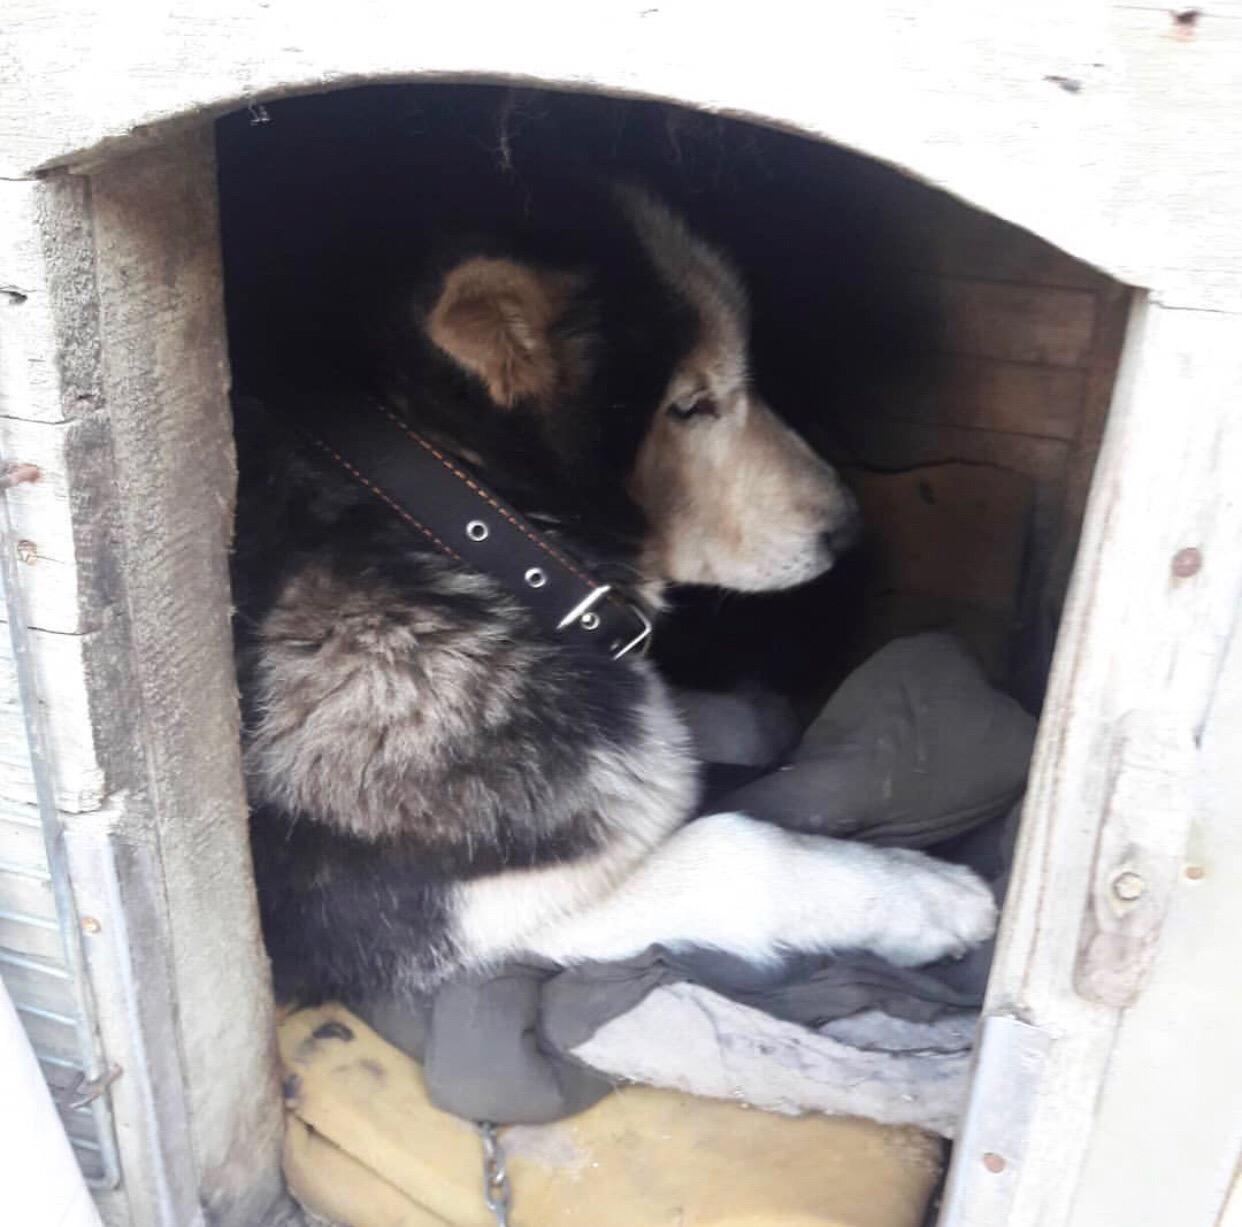 Бойтесь людей: ярославна ищет живодера, который привязал собаку к машине и переломал ей лапы